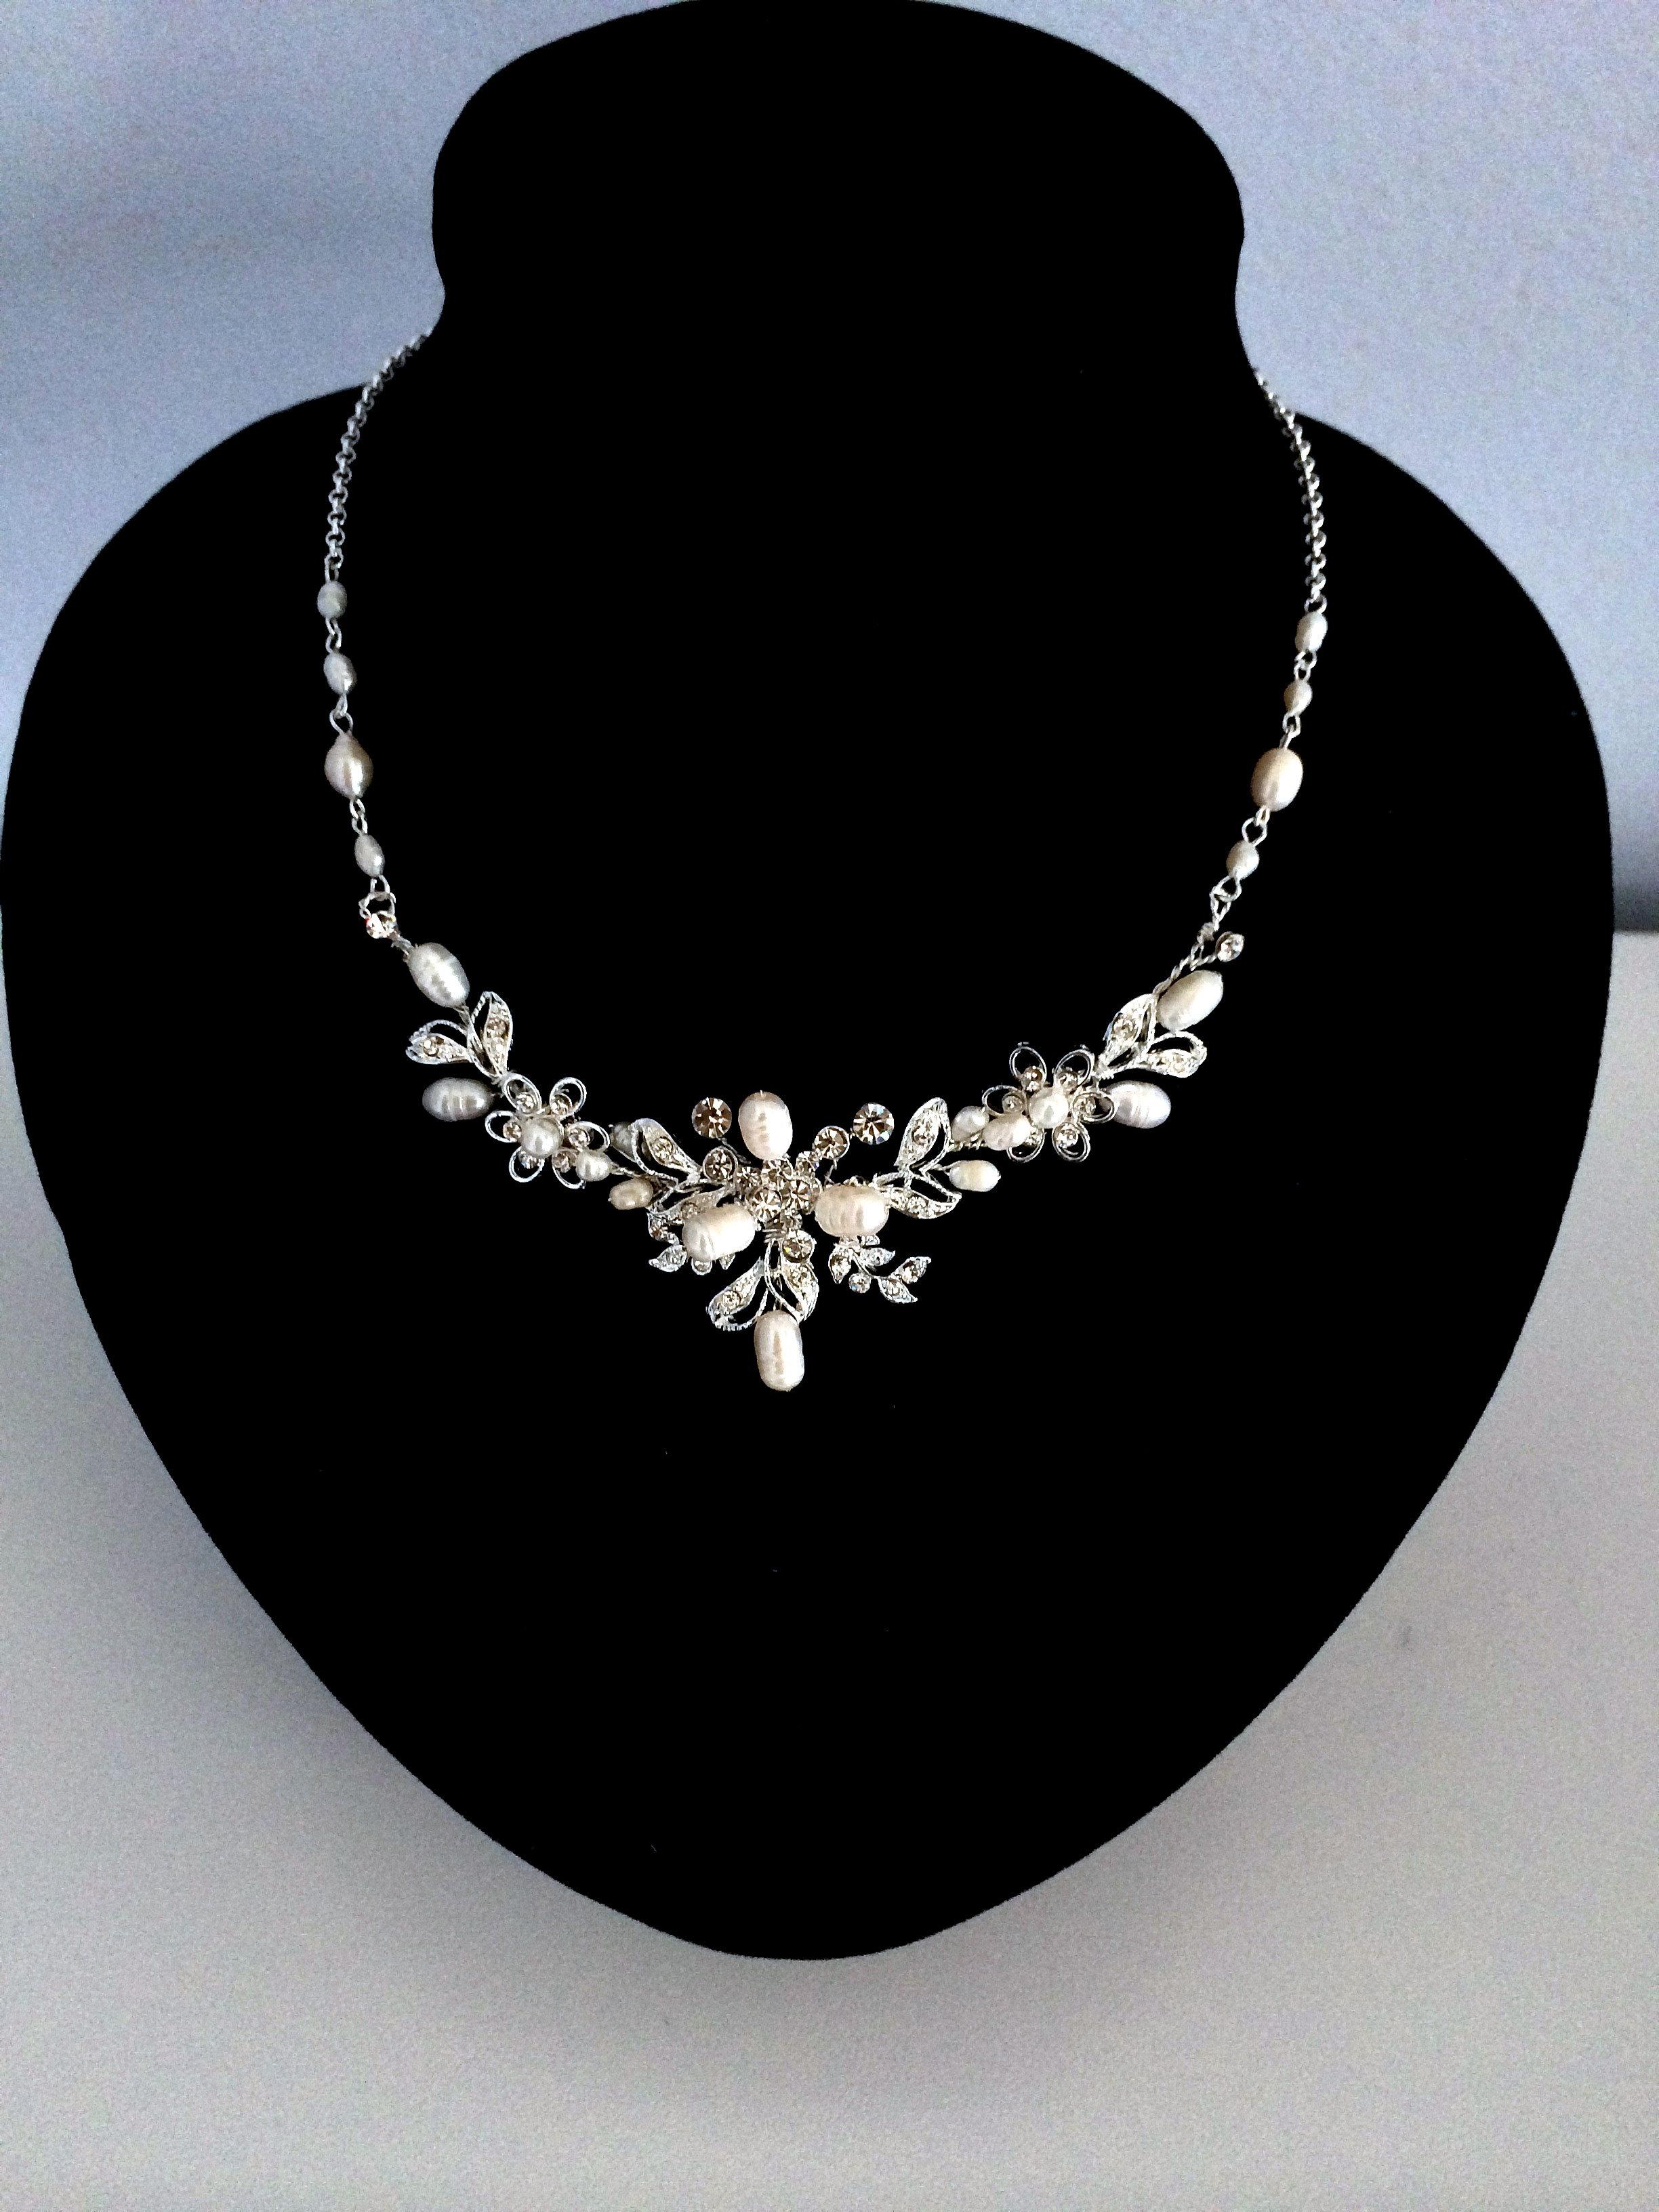 urban bride kitchener wedding accessories necklaces veils